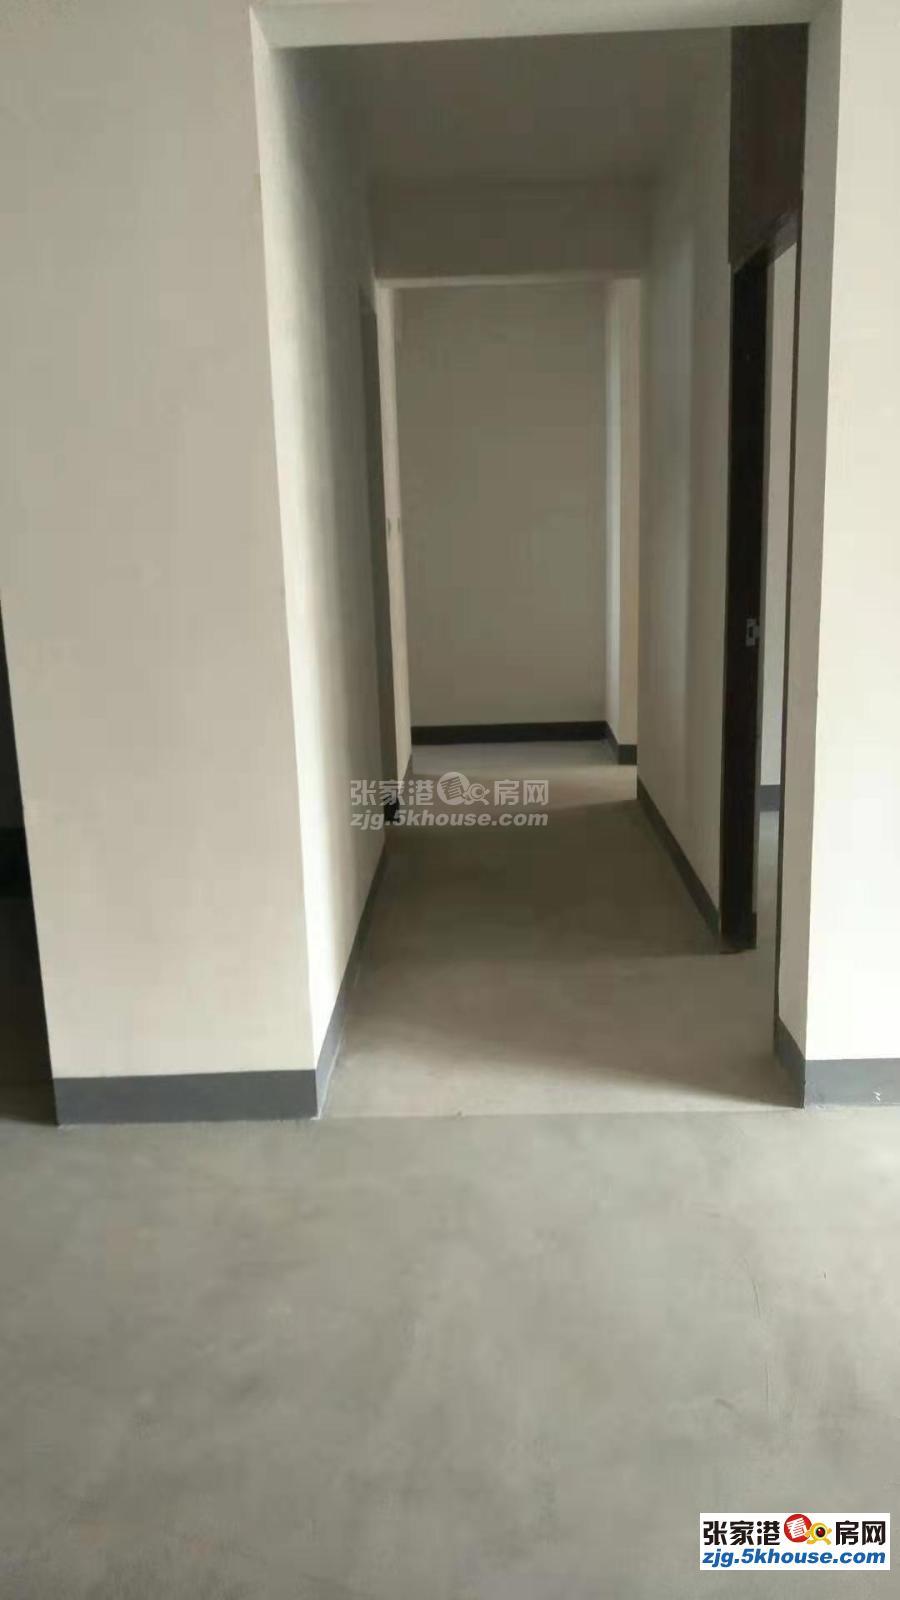 汇金中心|汇金花园 190万 3室2厅1卫 毛坯